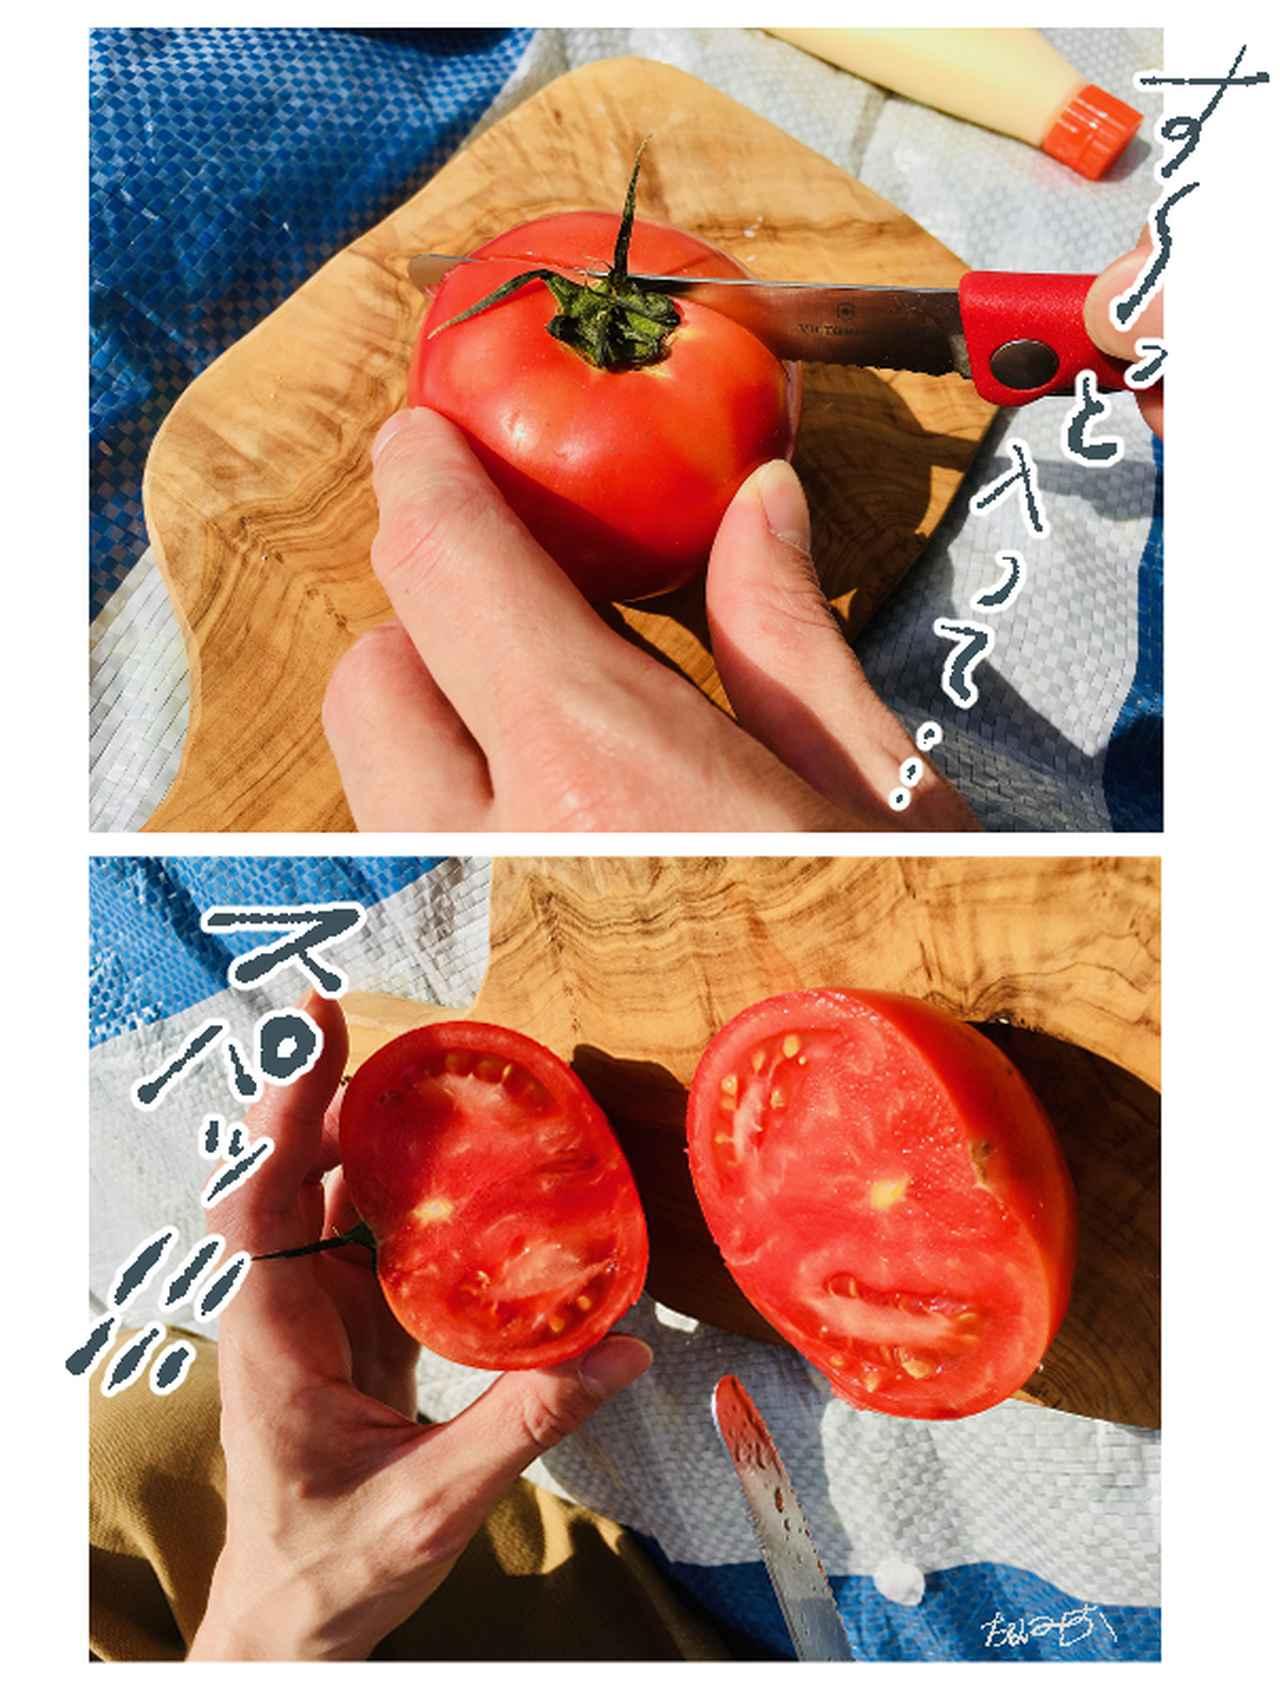 画像: 切れ味抜群!柔らかい果物から硬めのパンまで気持ちよくカットできる!